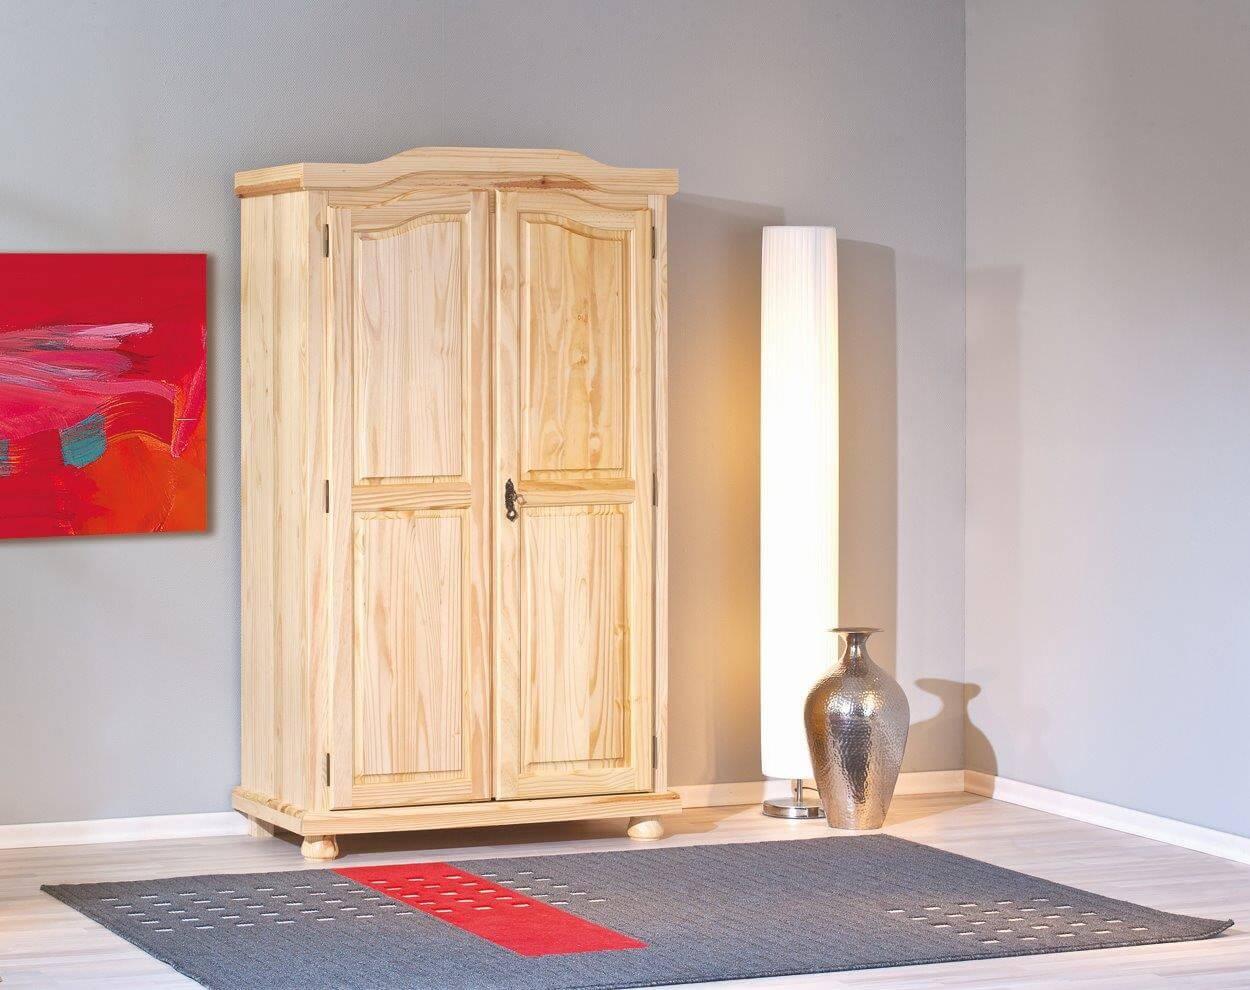 schrank kleiderschrank dielenschrank genf kiefer massivholz natur lackiert ebay. Black Bedroom Furniture Sets. Home Design Ideas